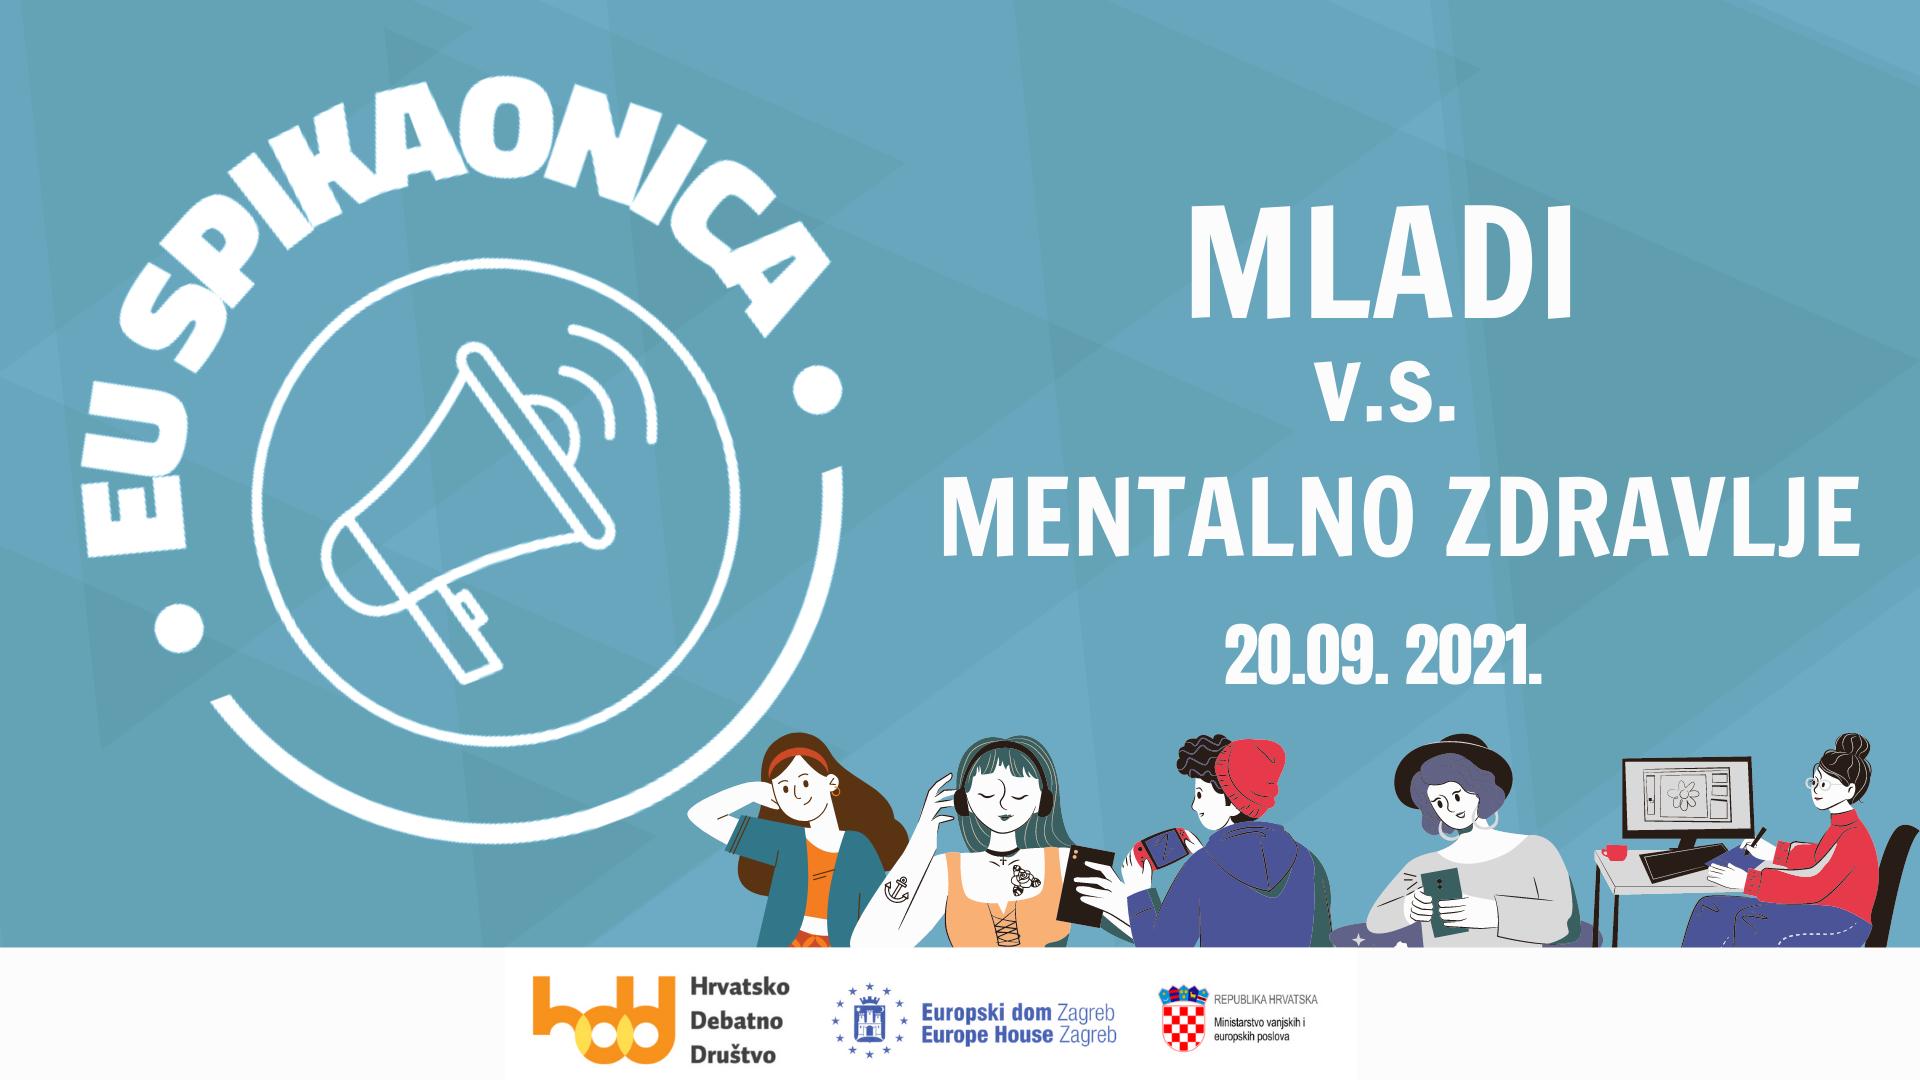 Održana prva EU spikaonica: Mladi vs mentalno zdravlje